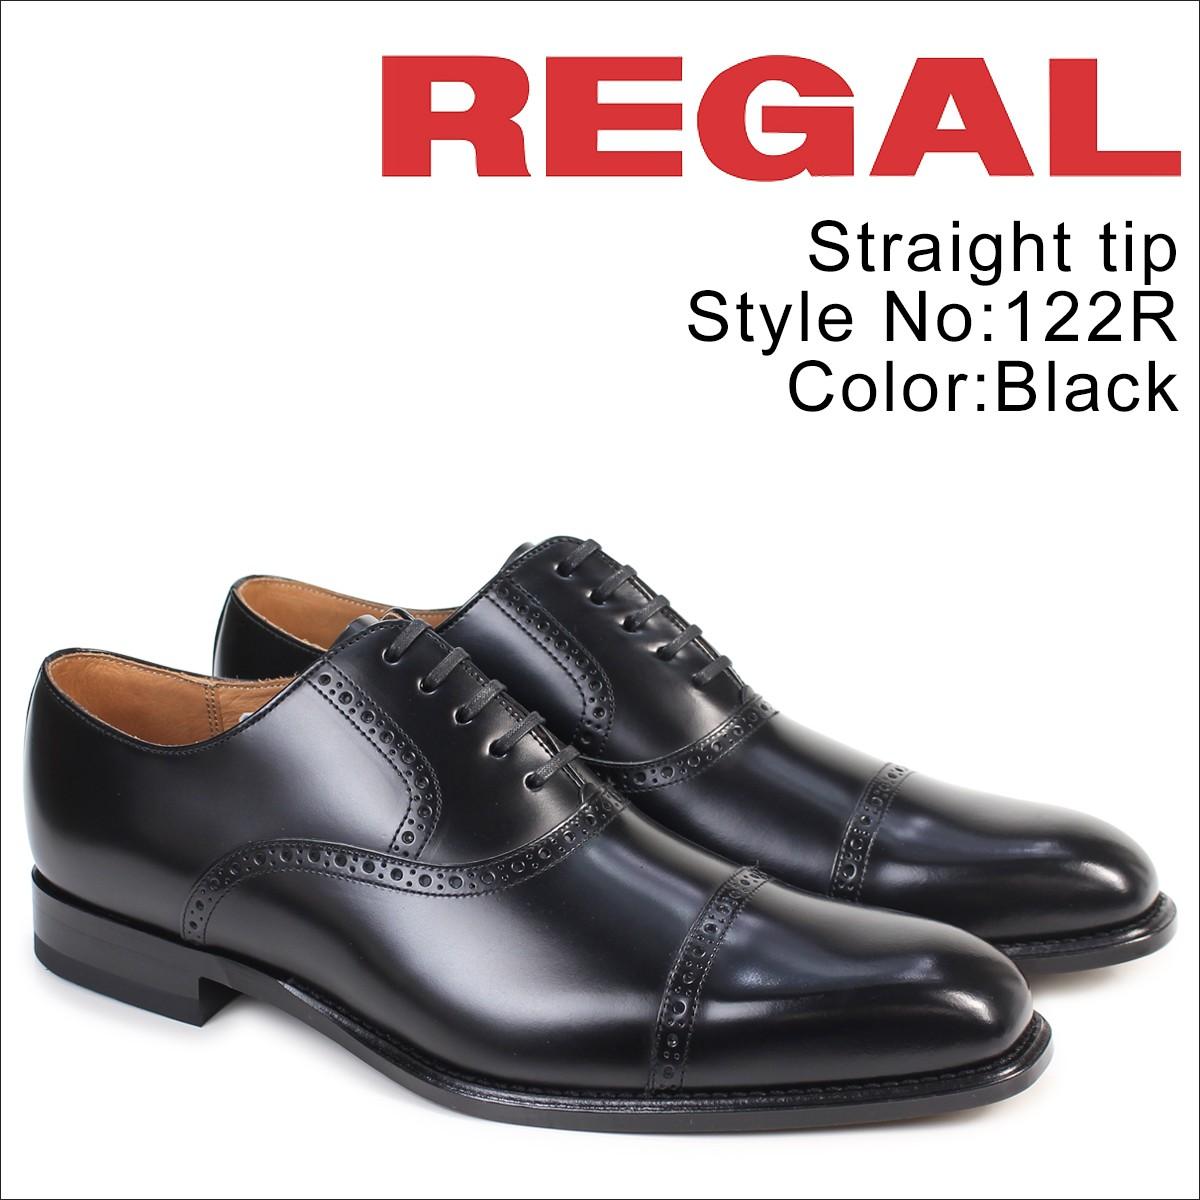 リーガル 靴 メンズ REGAL ストレートチップ 122RAL ビジネスシューズ 日本製 ブラック [1/13 追加入荷]